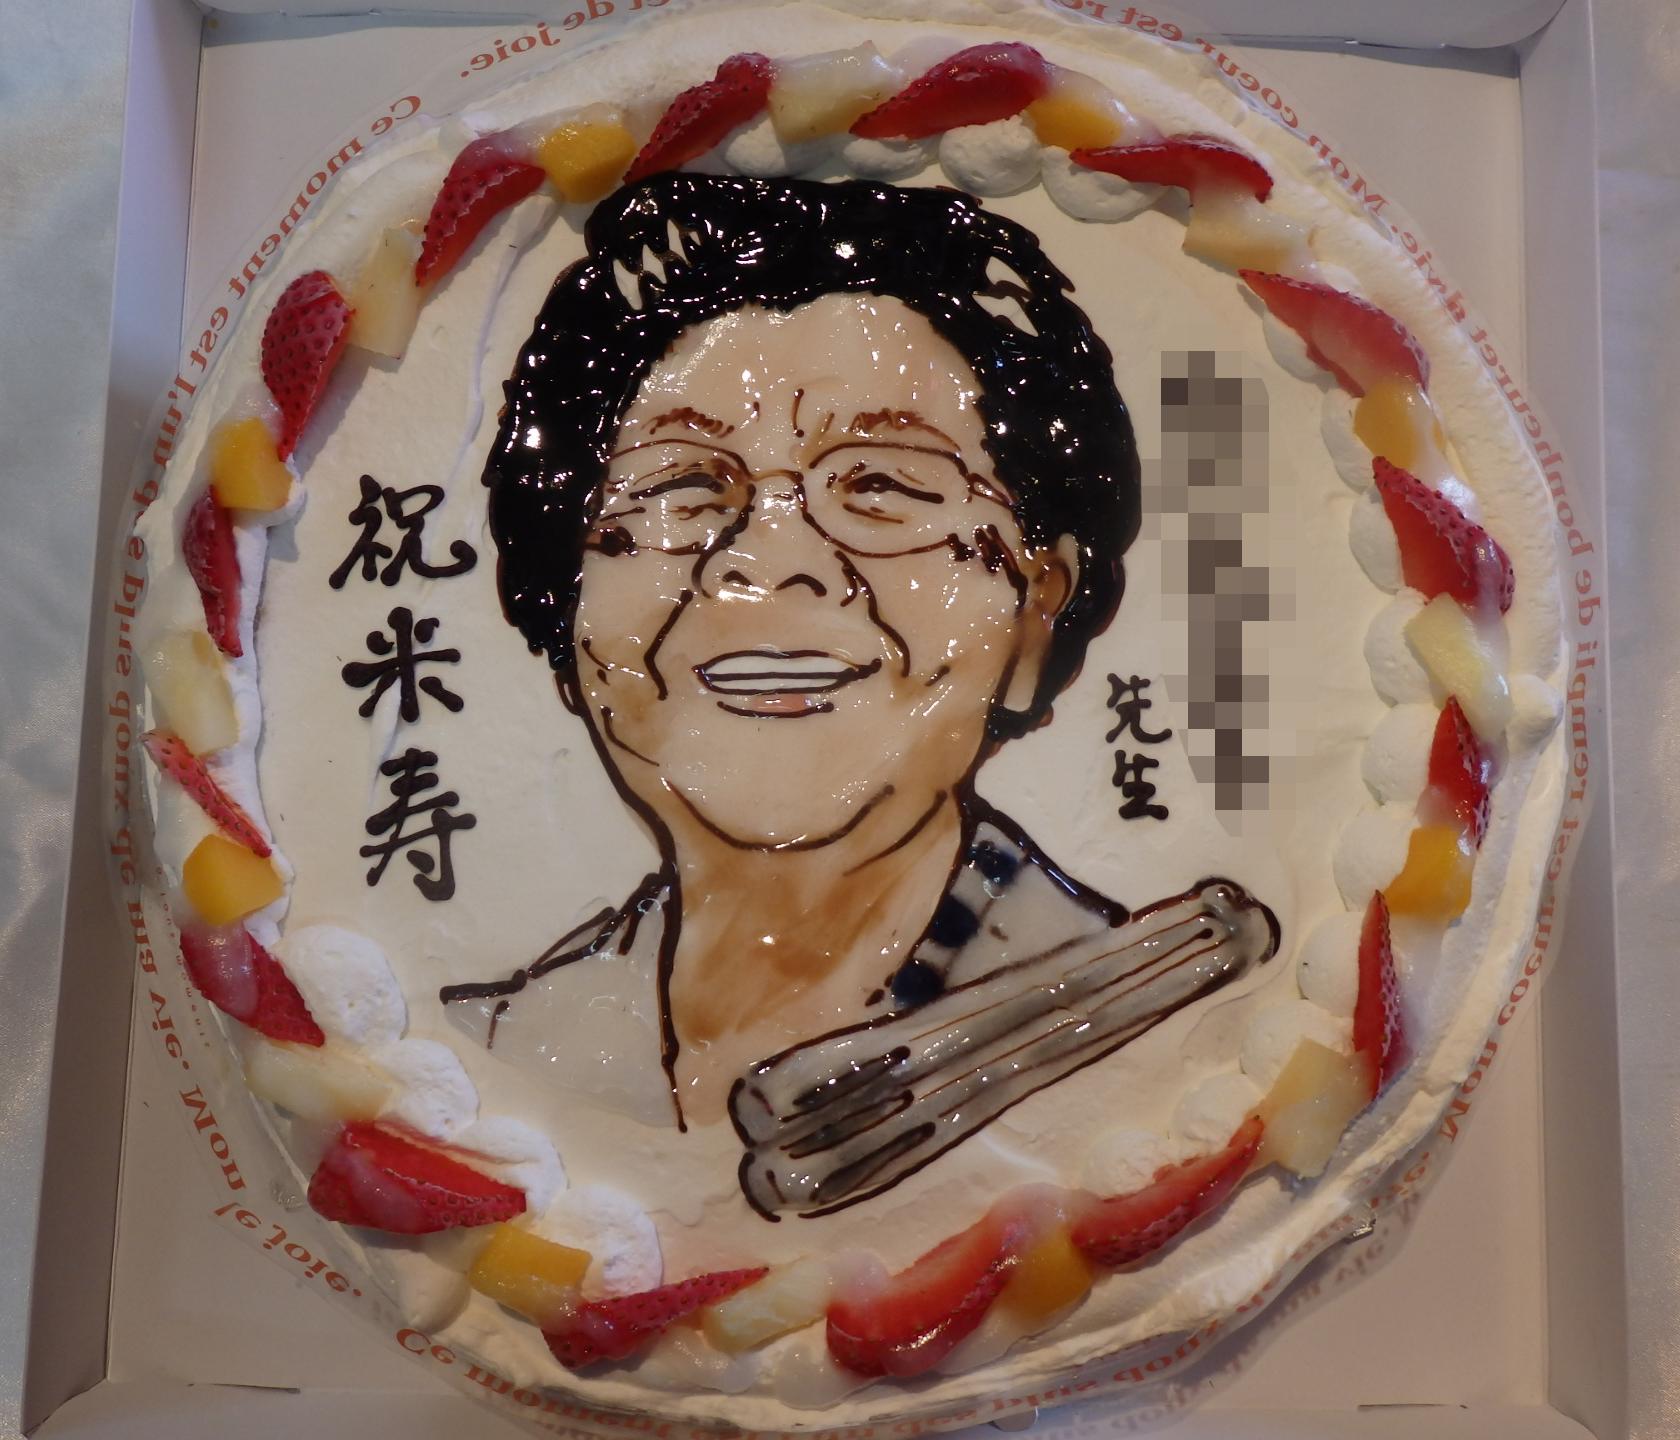 似顔絵ケーキ 5号 15cmの画像8枚目